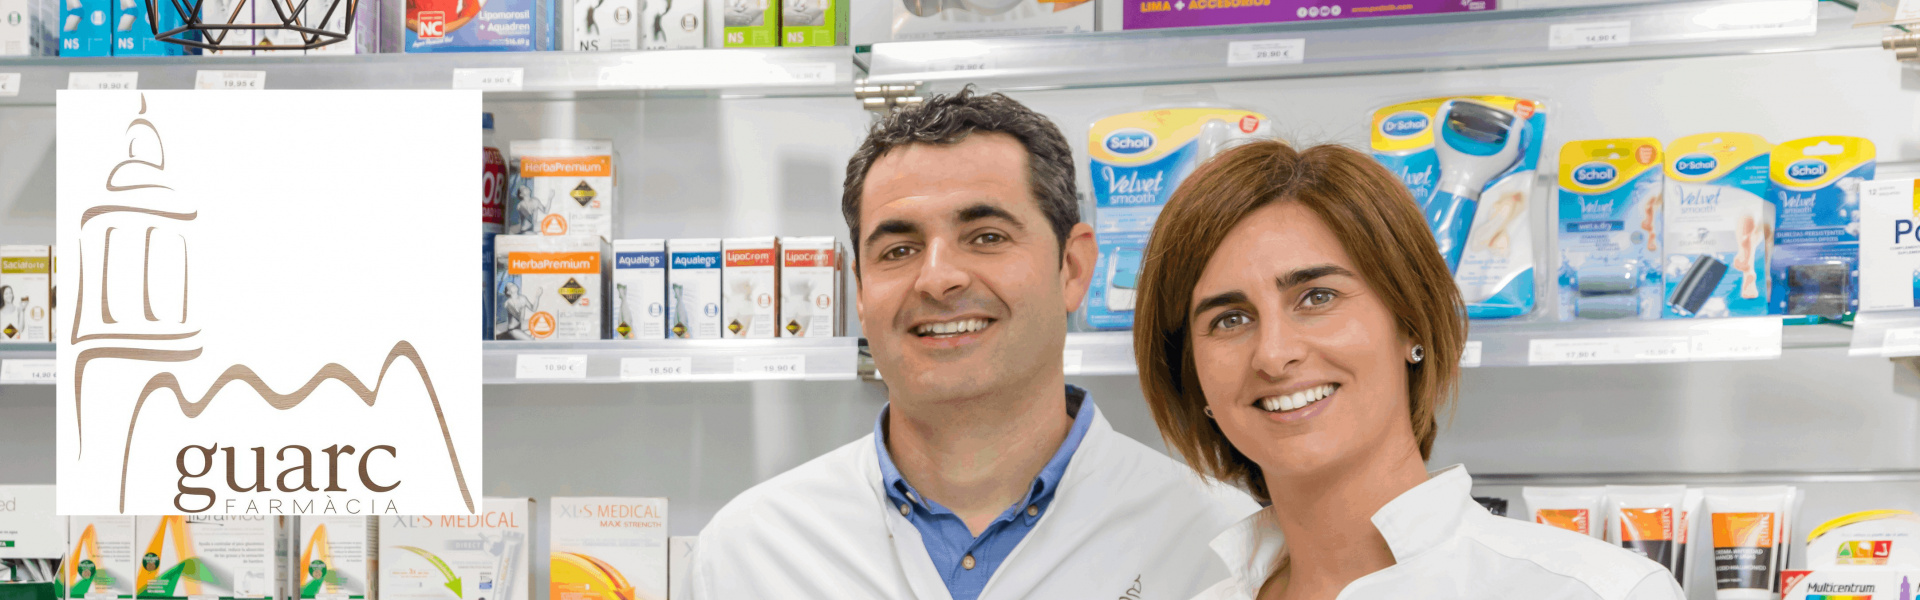 Formación y visita a Farmàcia Guarc sobre: